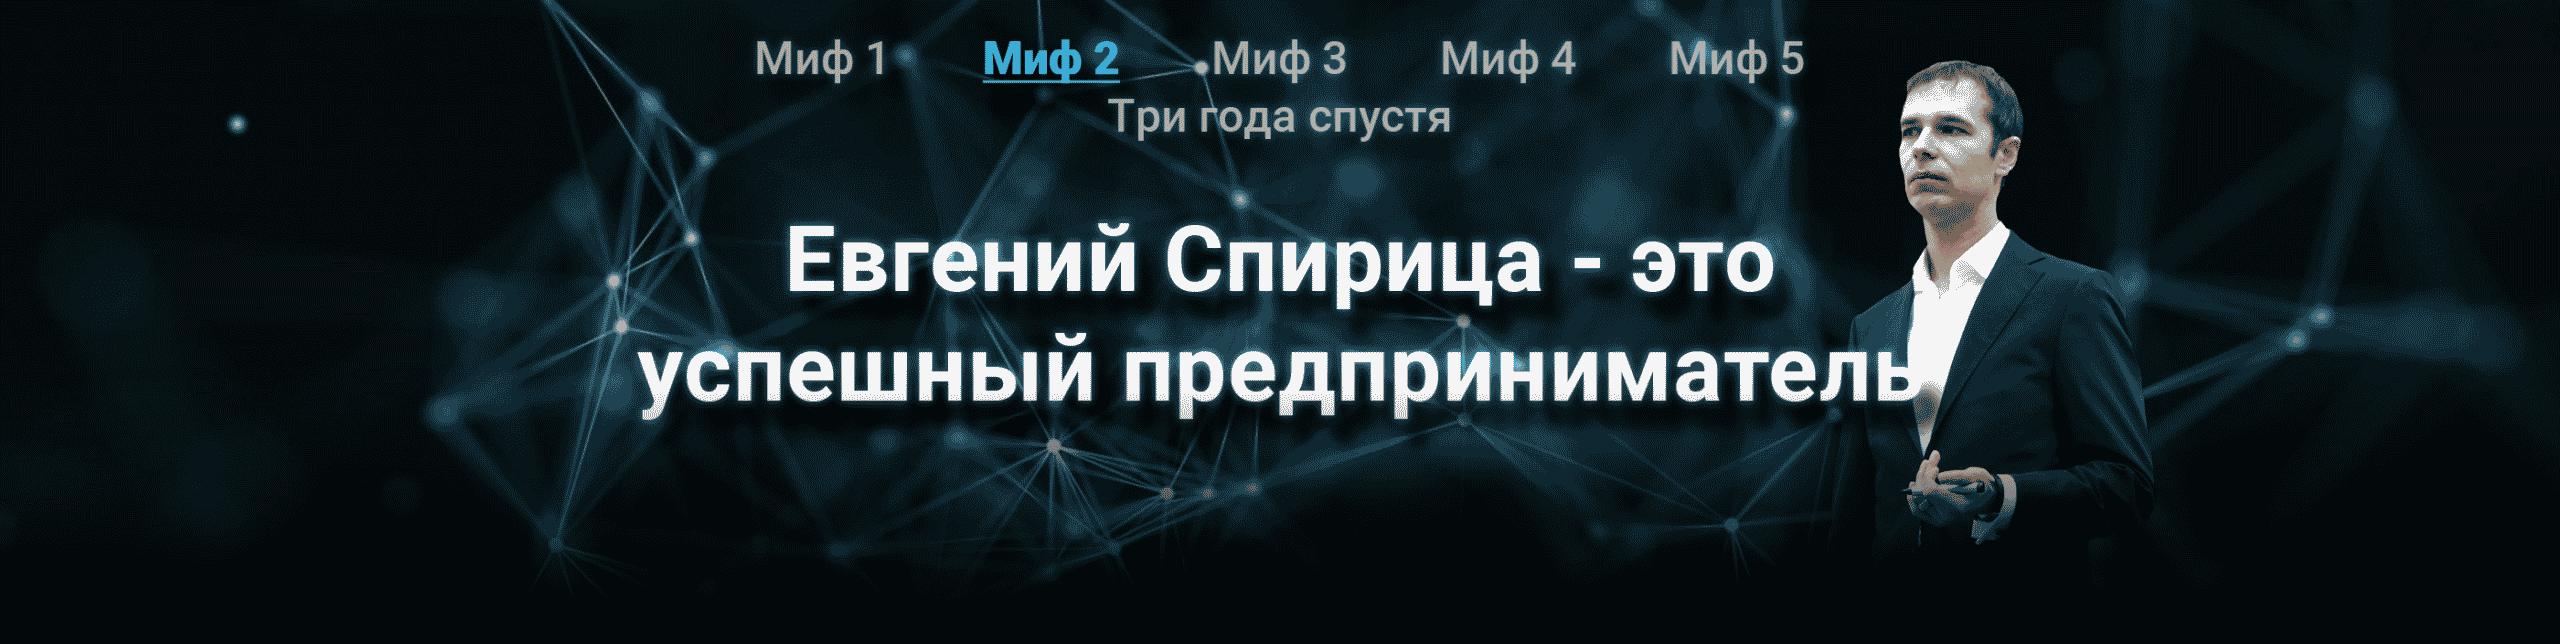 Евгений Спирица; Международная Академия Исследования Лжи; ICDS Group; Миф #2: Евгений Спирица — это успешный предприниматель